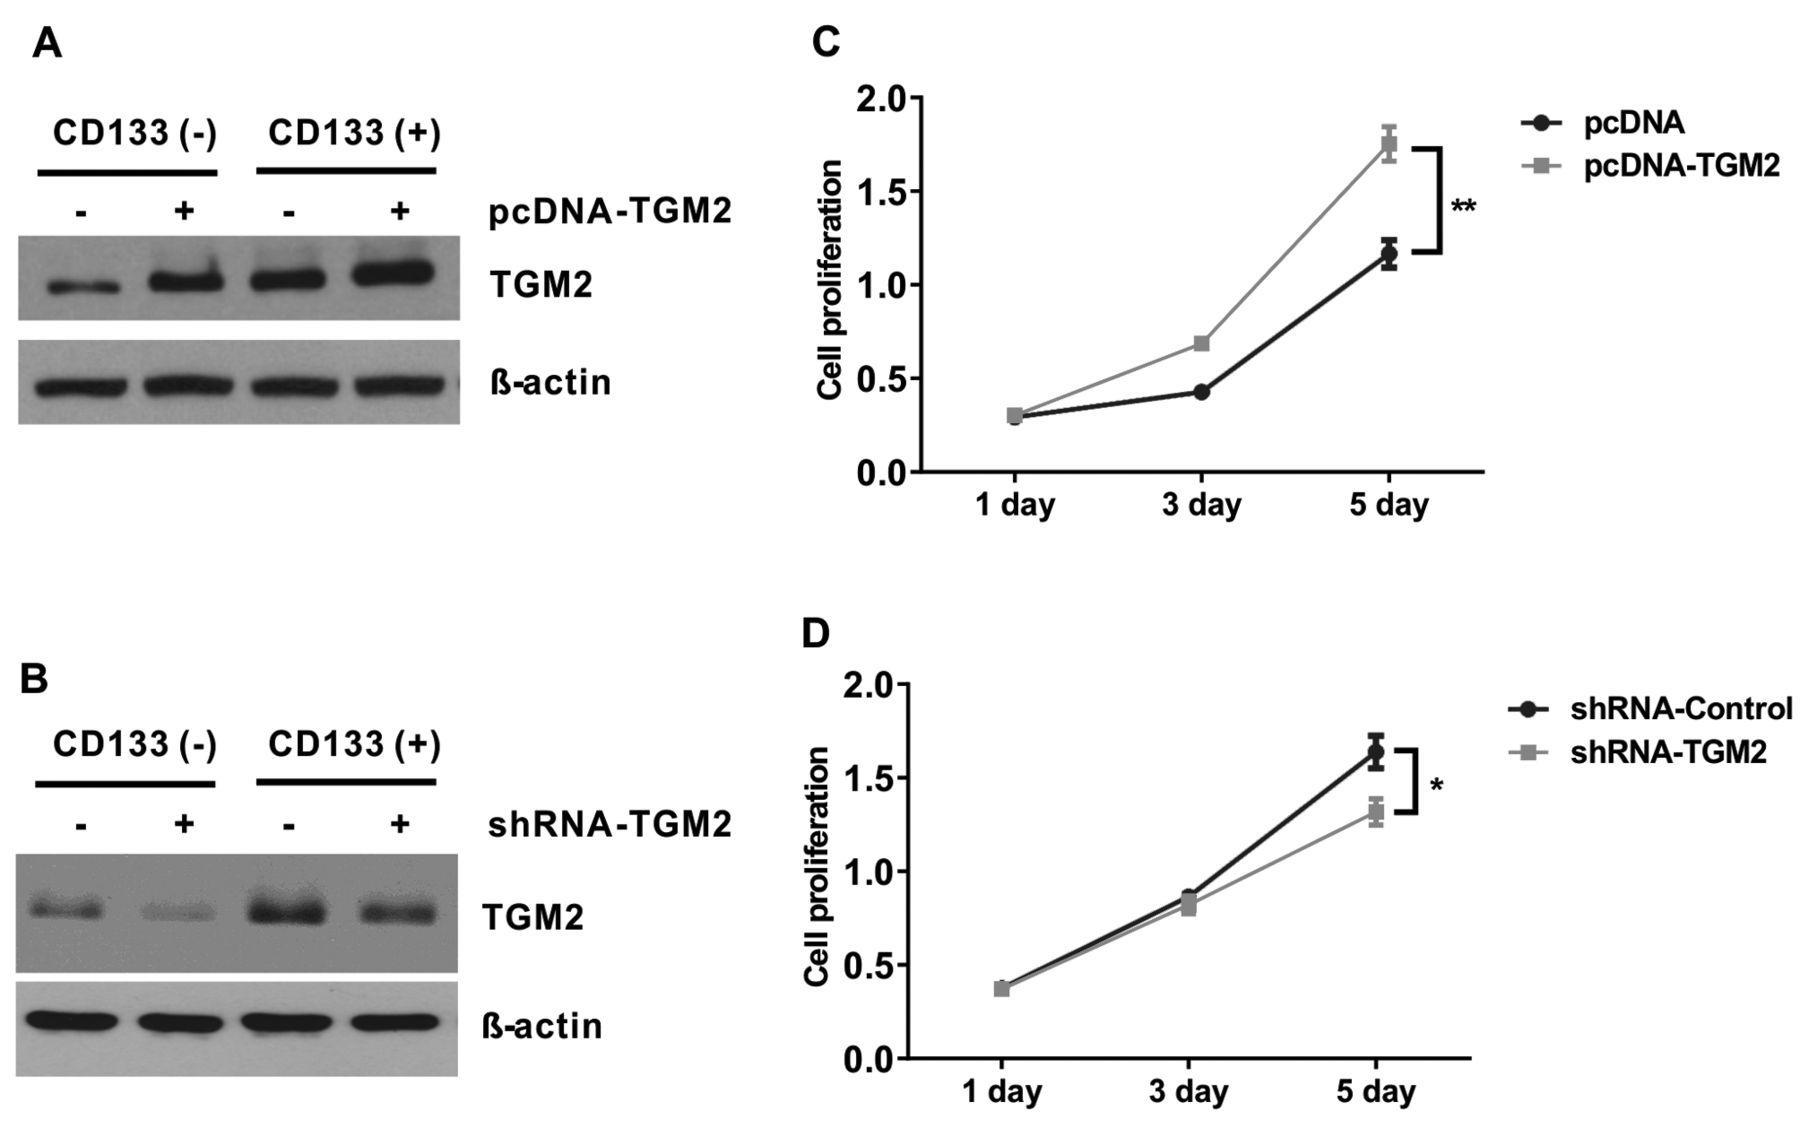 Transglutaminase 2 Regulates Self Renewal And Stem Cell Marker Of Human Colorectal Cancer Stem Cells